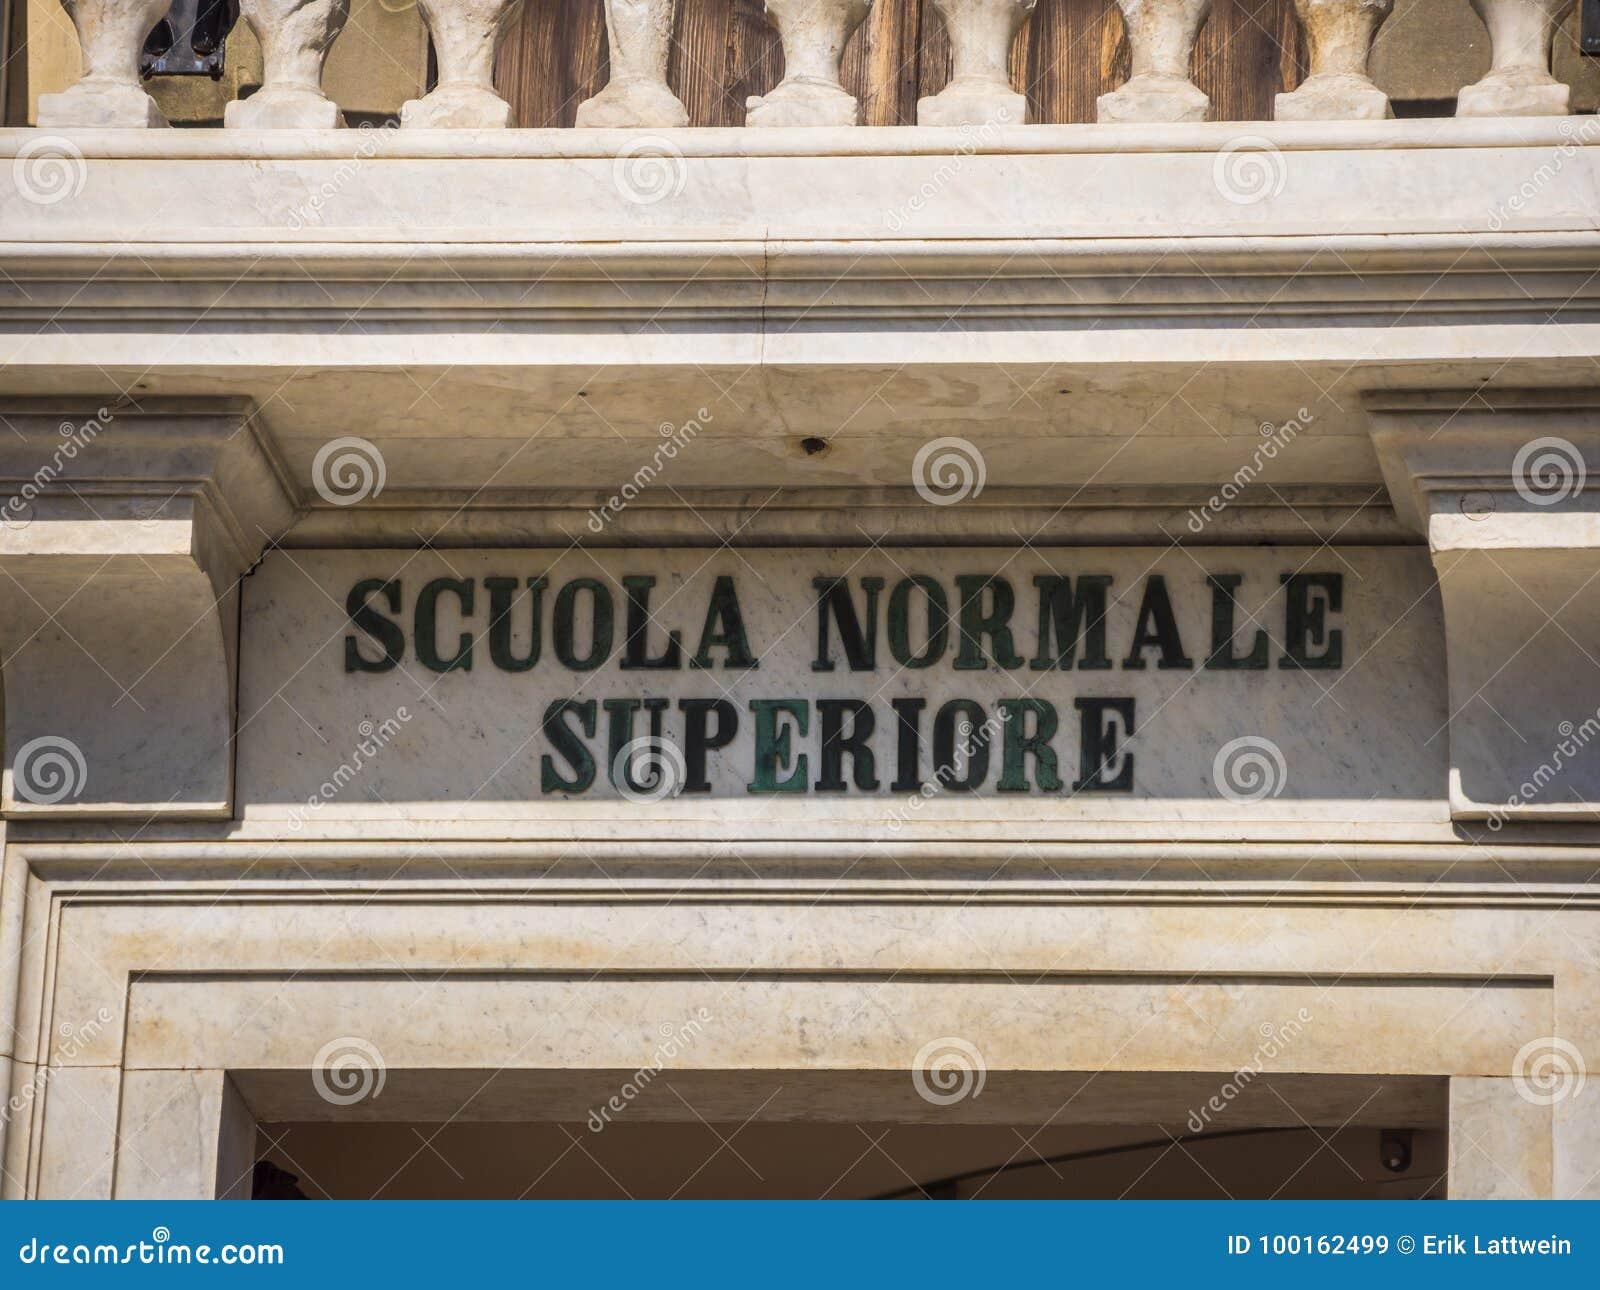 Καταπληκτικό μέγαρο στην πλατεία Cavalieri στην Πίζα - το παλάτι Carovana κάλεσε Scuola Normale Superiore - την Τοσκάνη Ιταλία